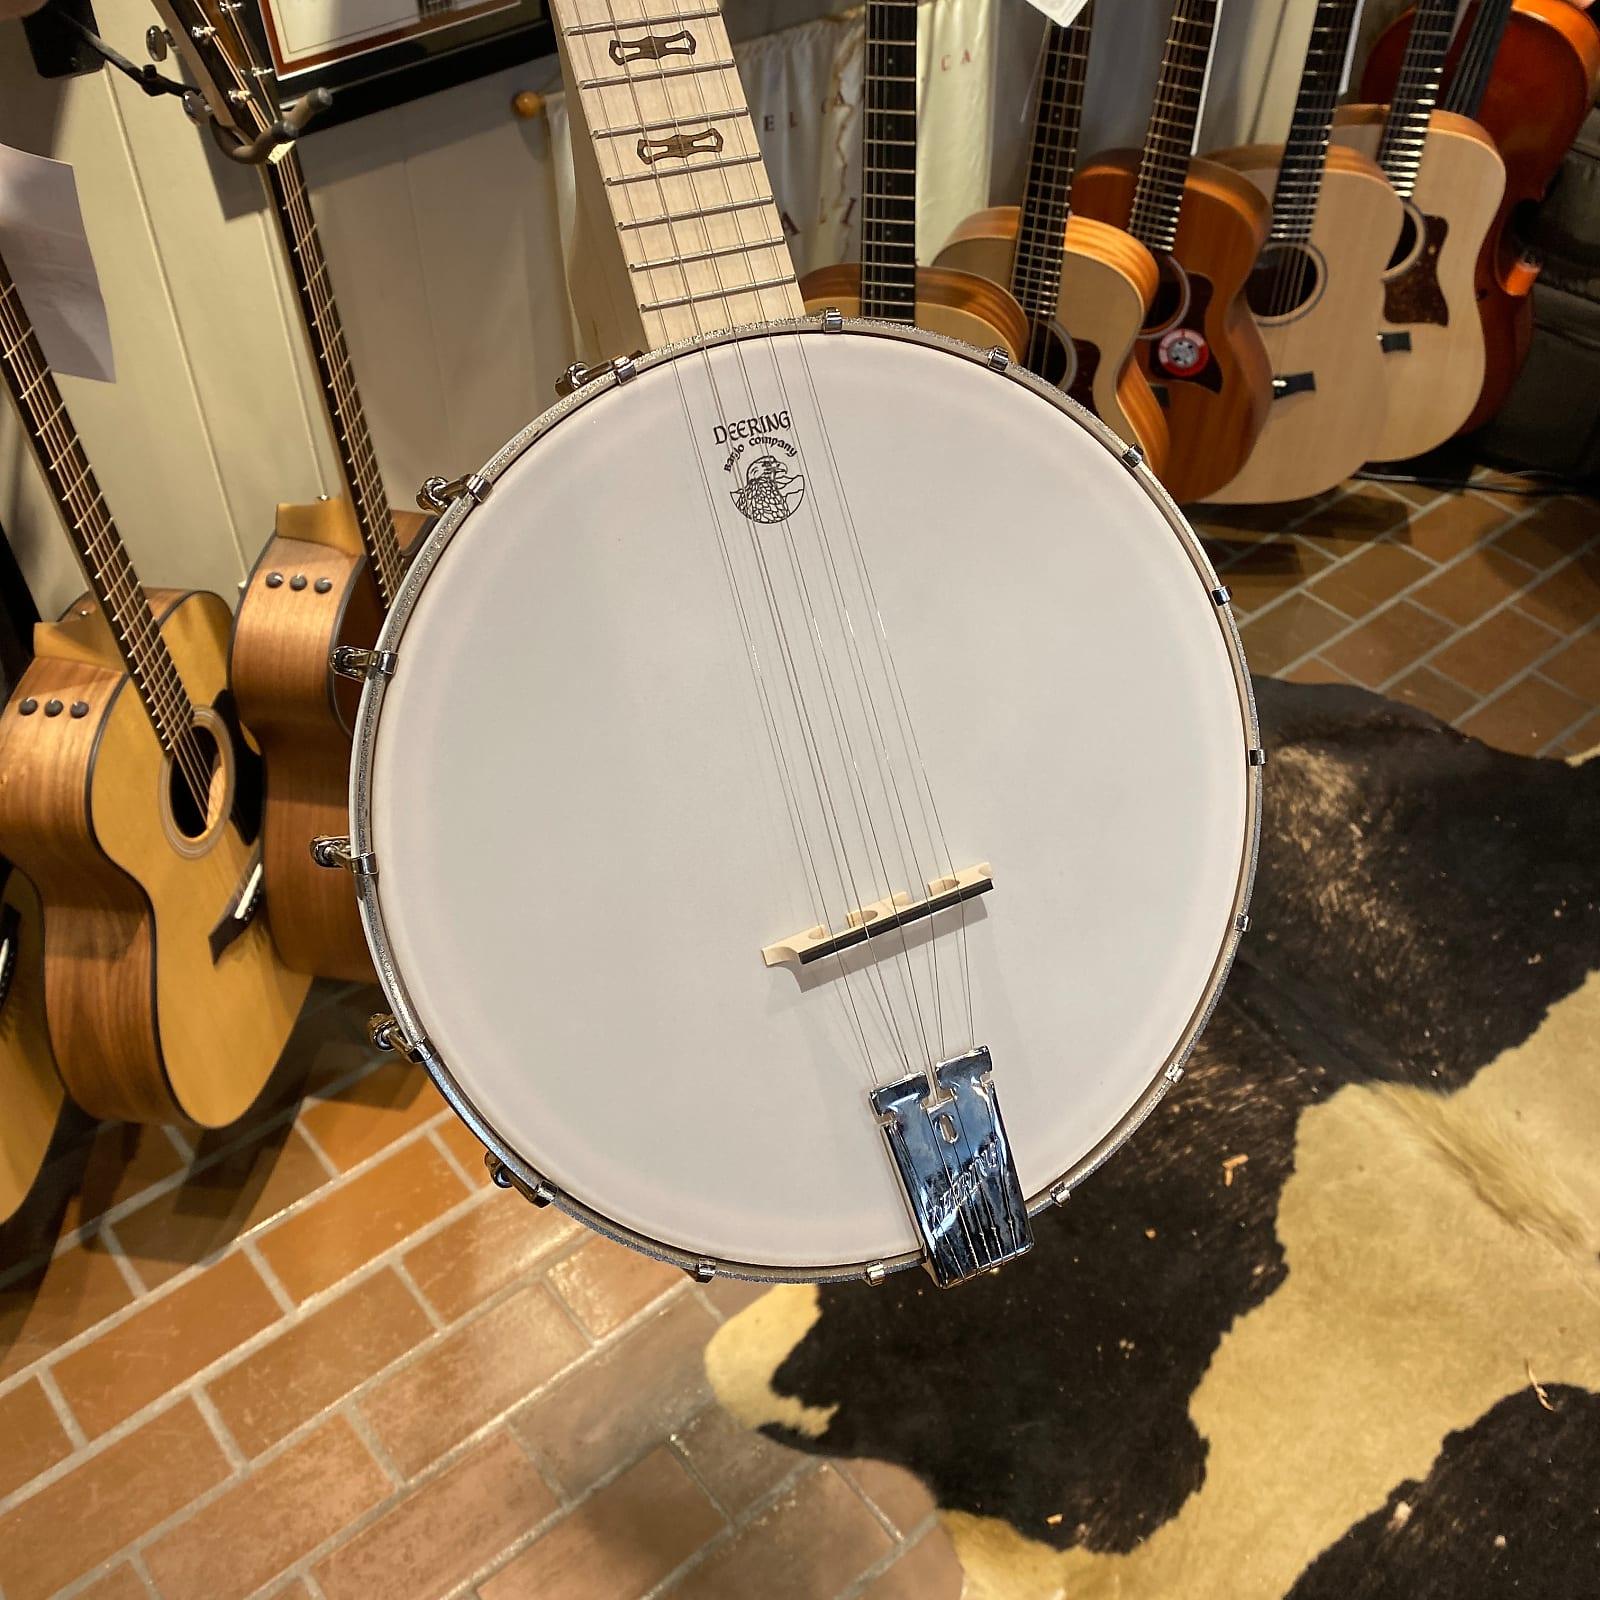 Deering Goodtime 5 String Banjo with Bag